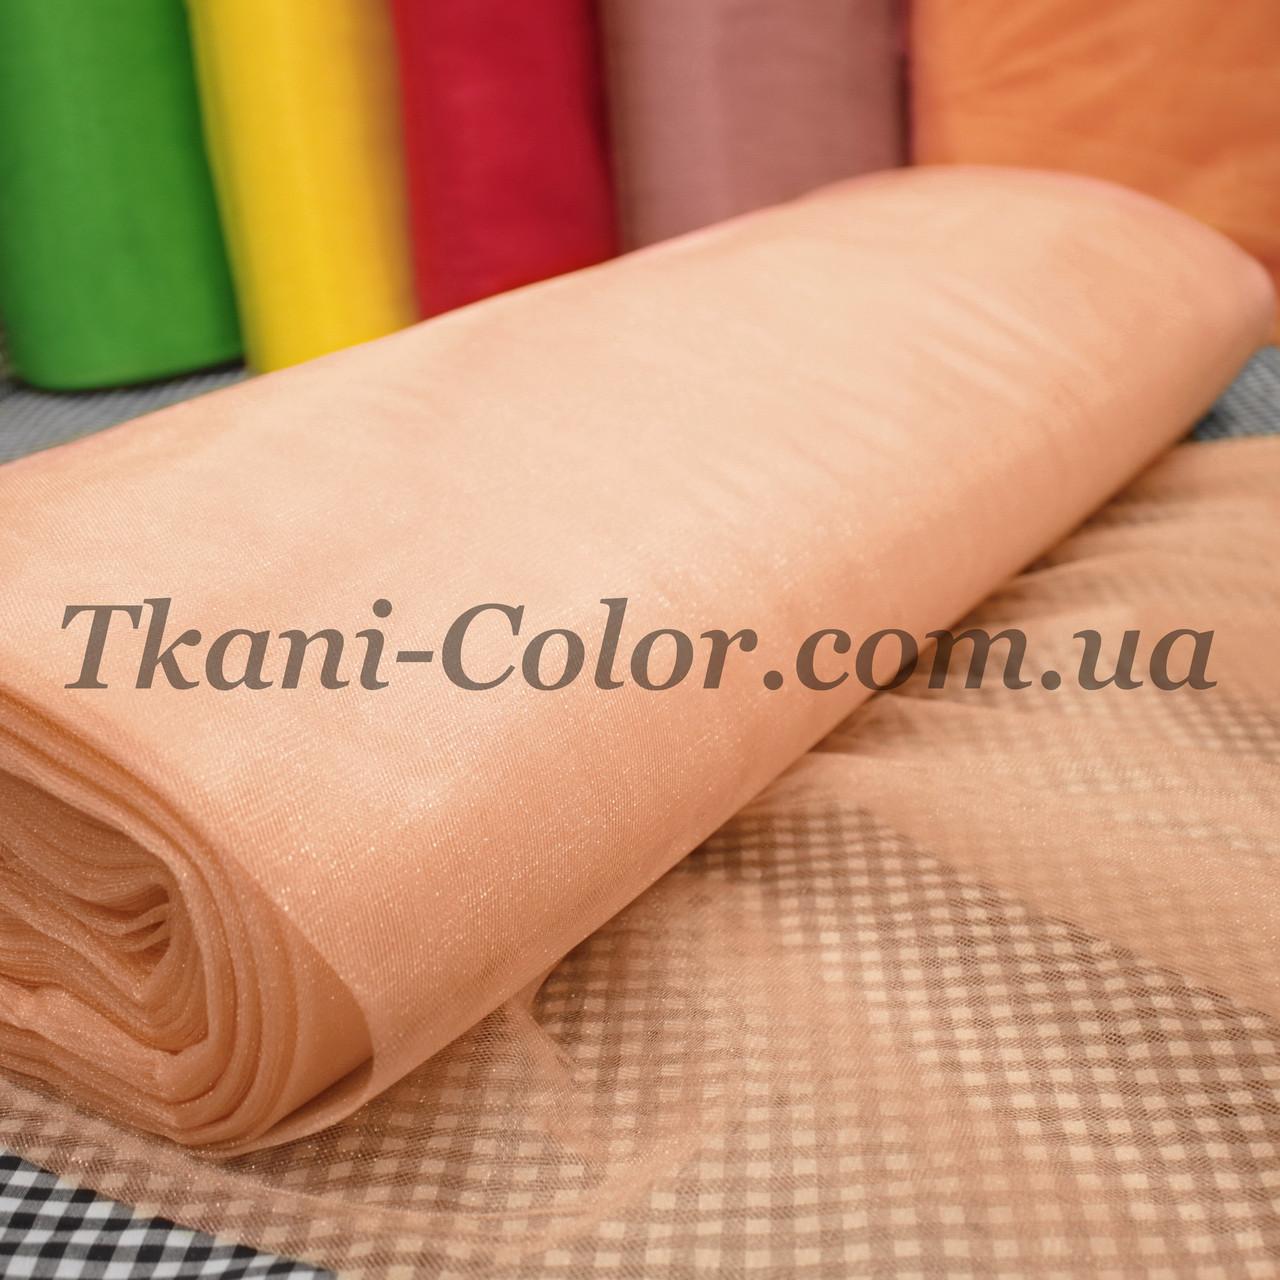 Ткань фатин средней жесткости персиковый